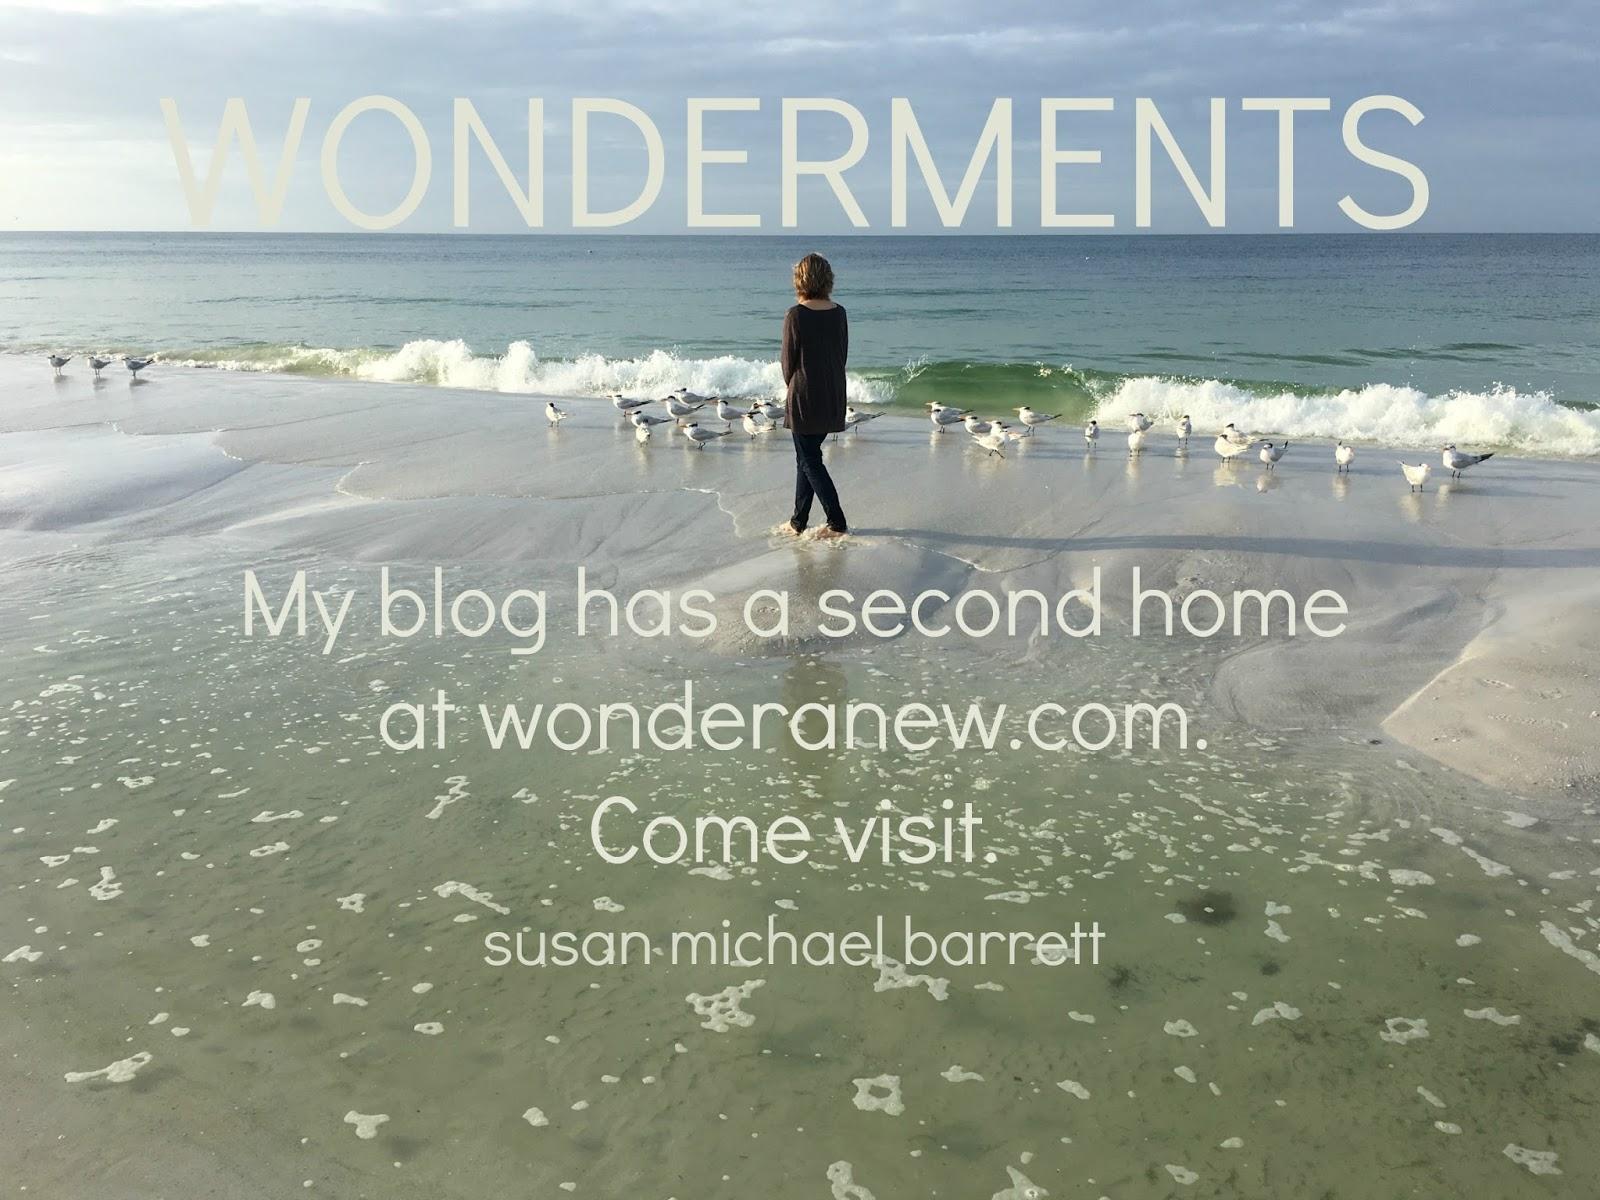 wonderments